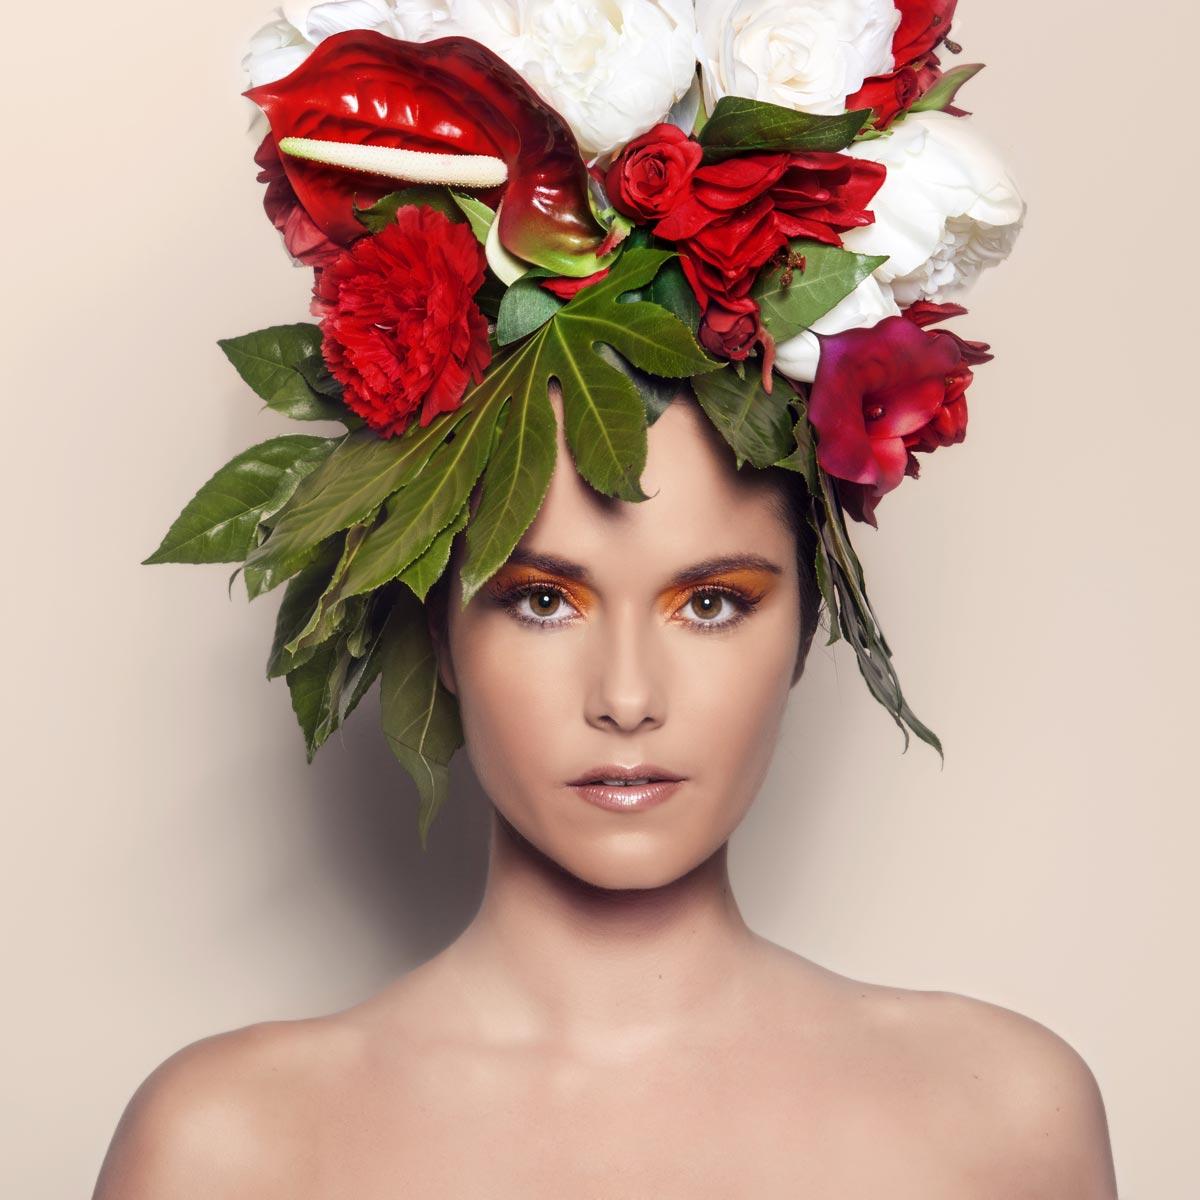 Výrazným prvkom kolekcie Honza Kořínek The Butterflies sú nádherné fotografie, kde vlasy nahradili obrie kvetinové kompozície.